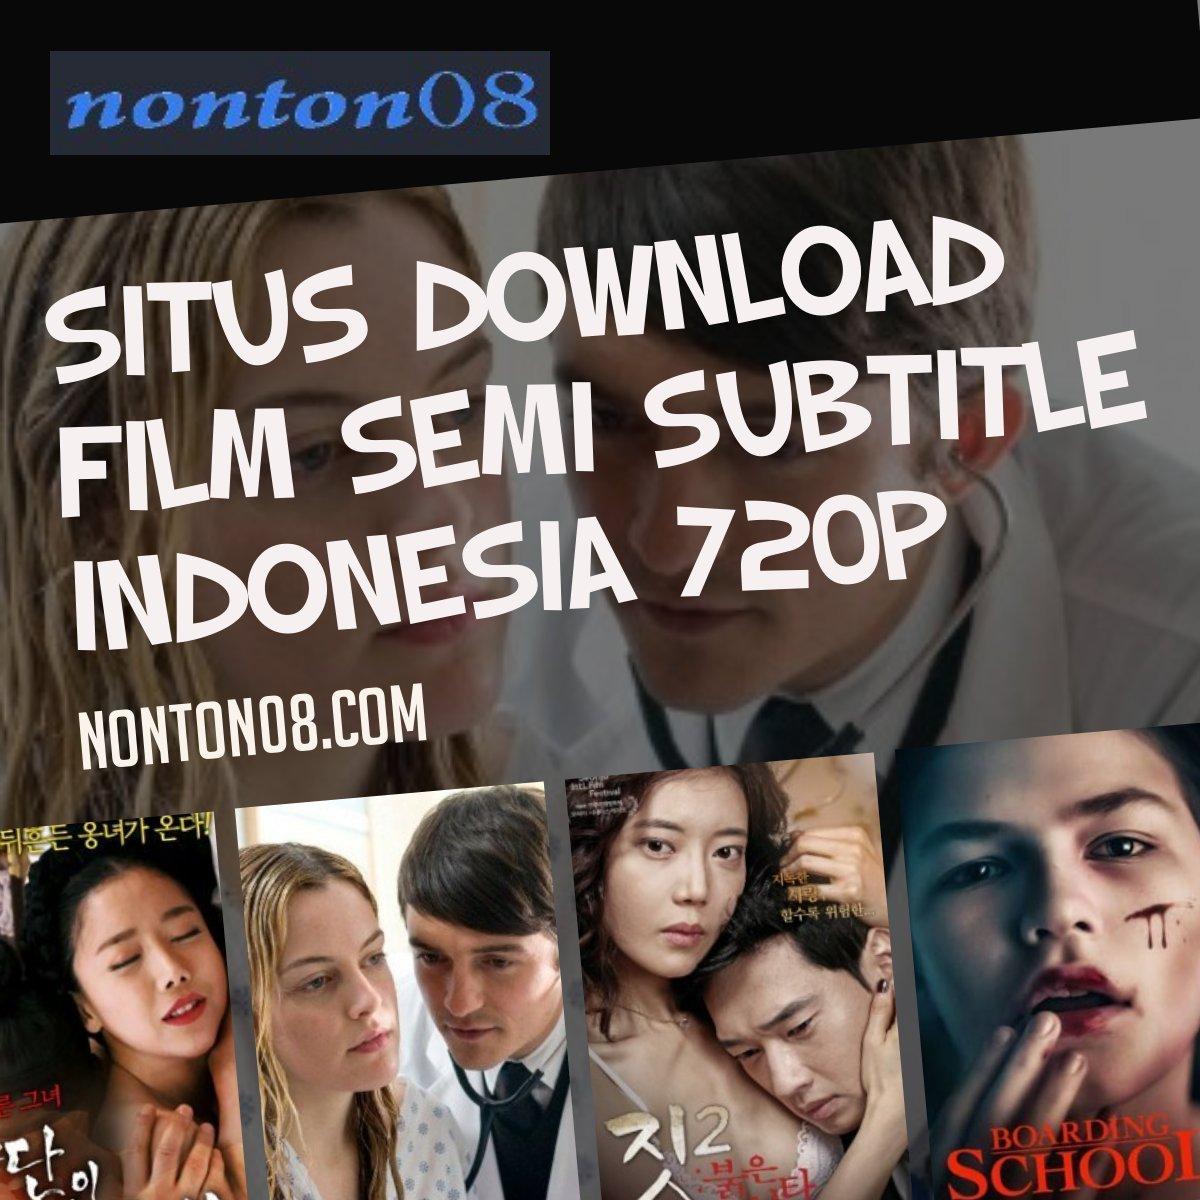 Nonton Movie Online Terbaru 2018 - Peluang Usaha Mandiri